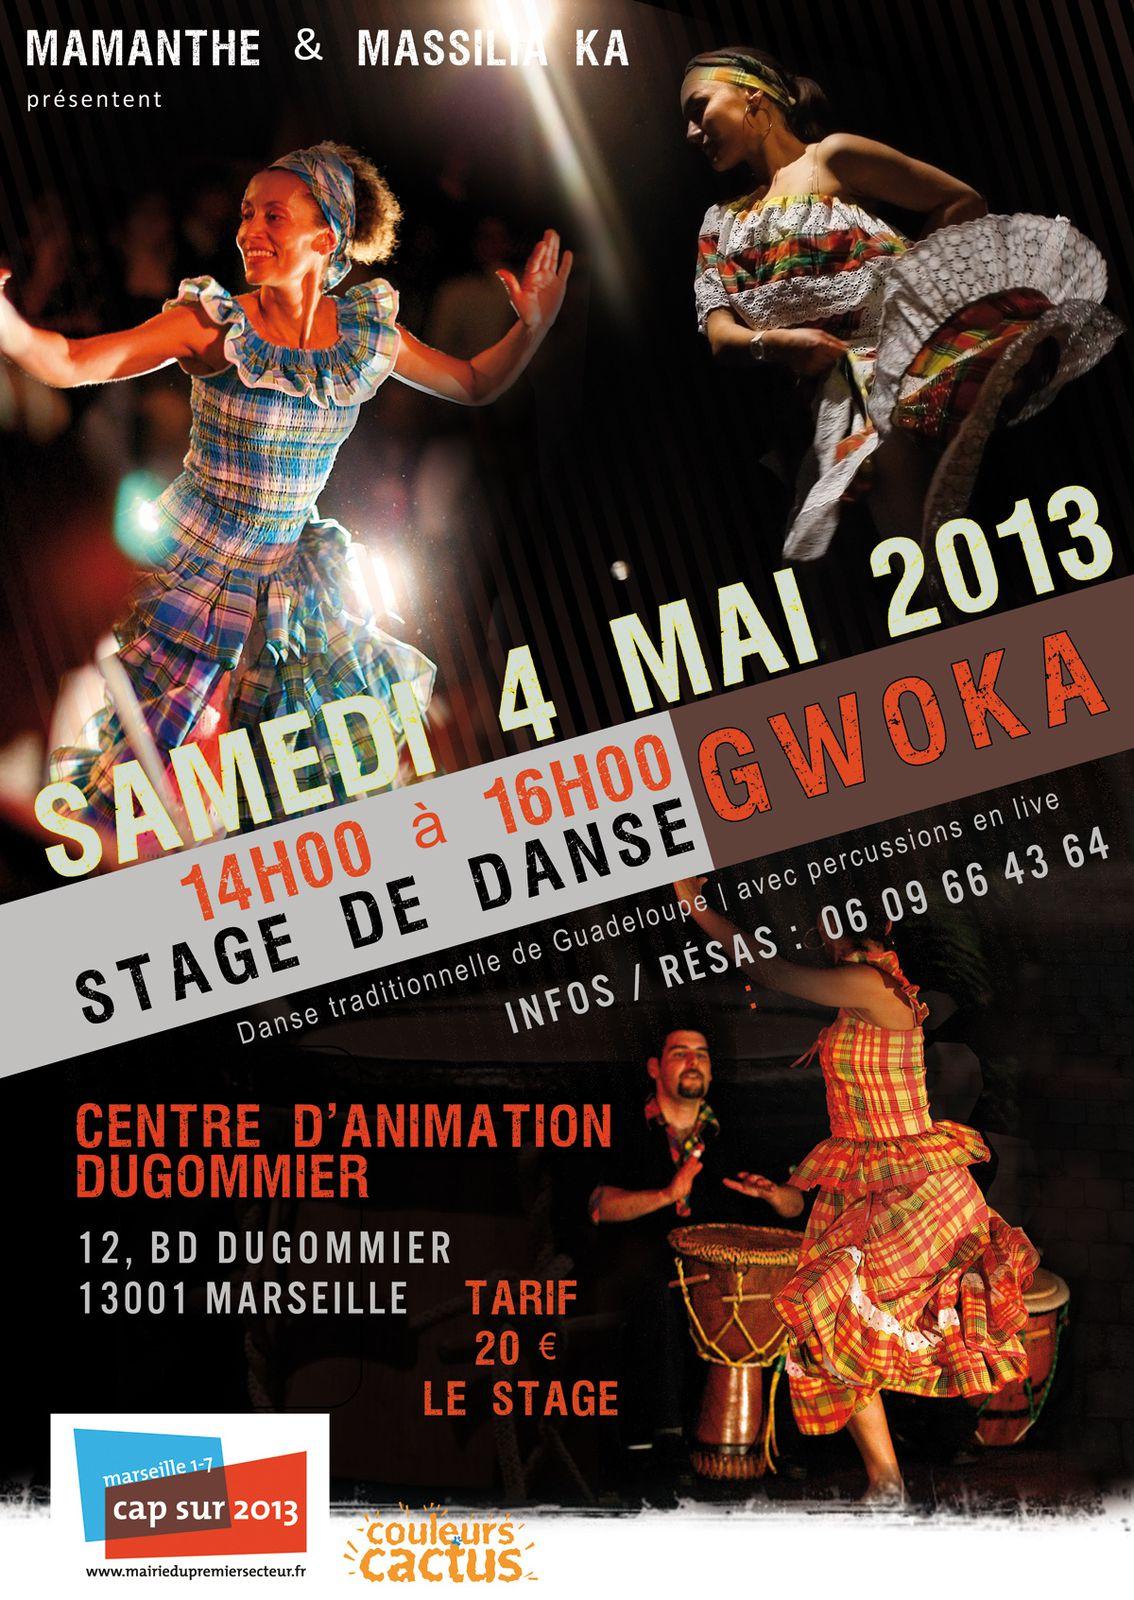 04/05/13 - Stage de danse Gwoka (Guadeloupe) - Marseille